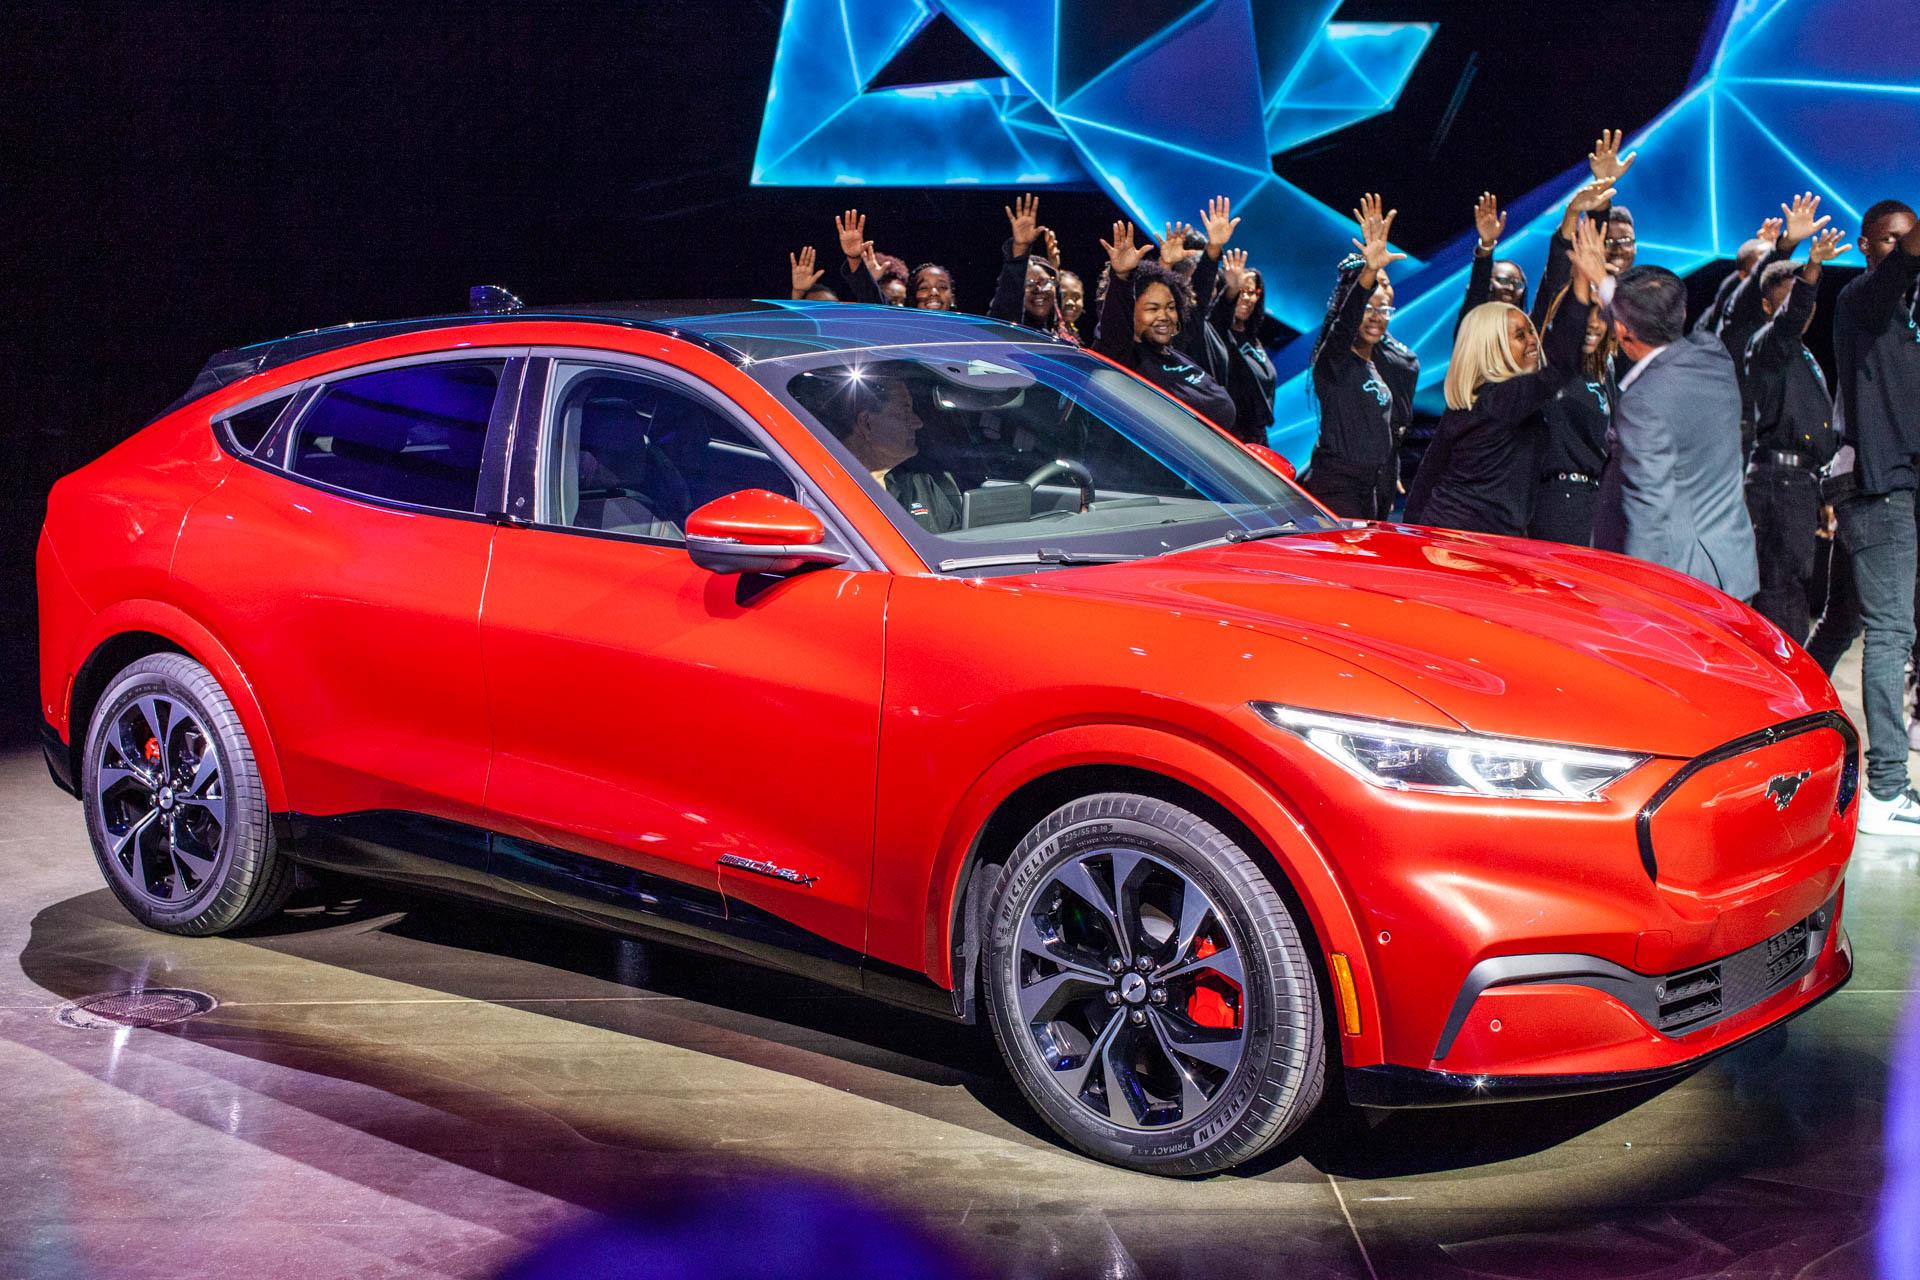 Il S'agit De La Ford Mustang Mach-E 2021 Avec Une Autonomie